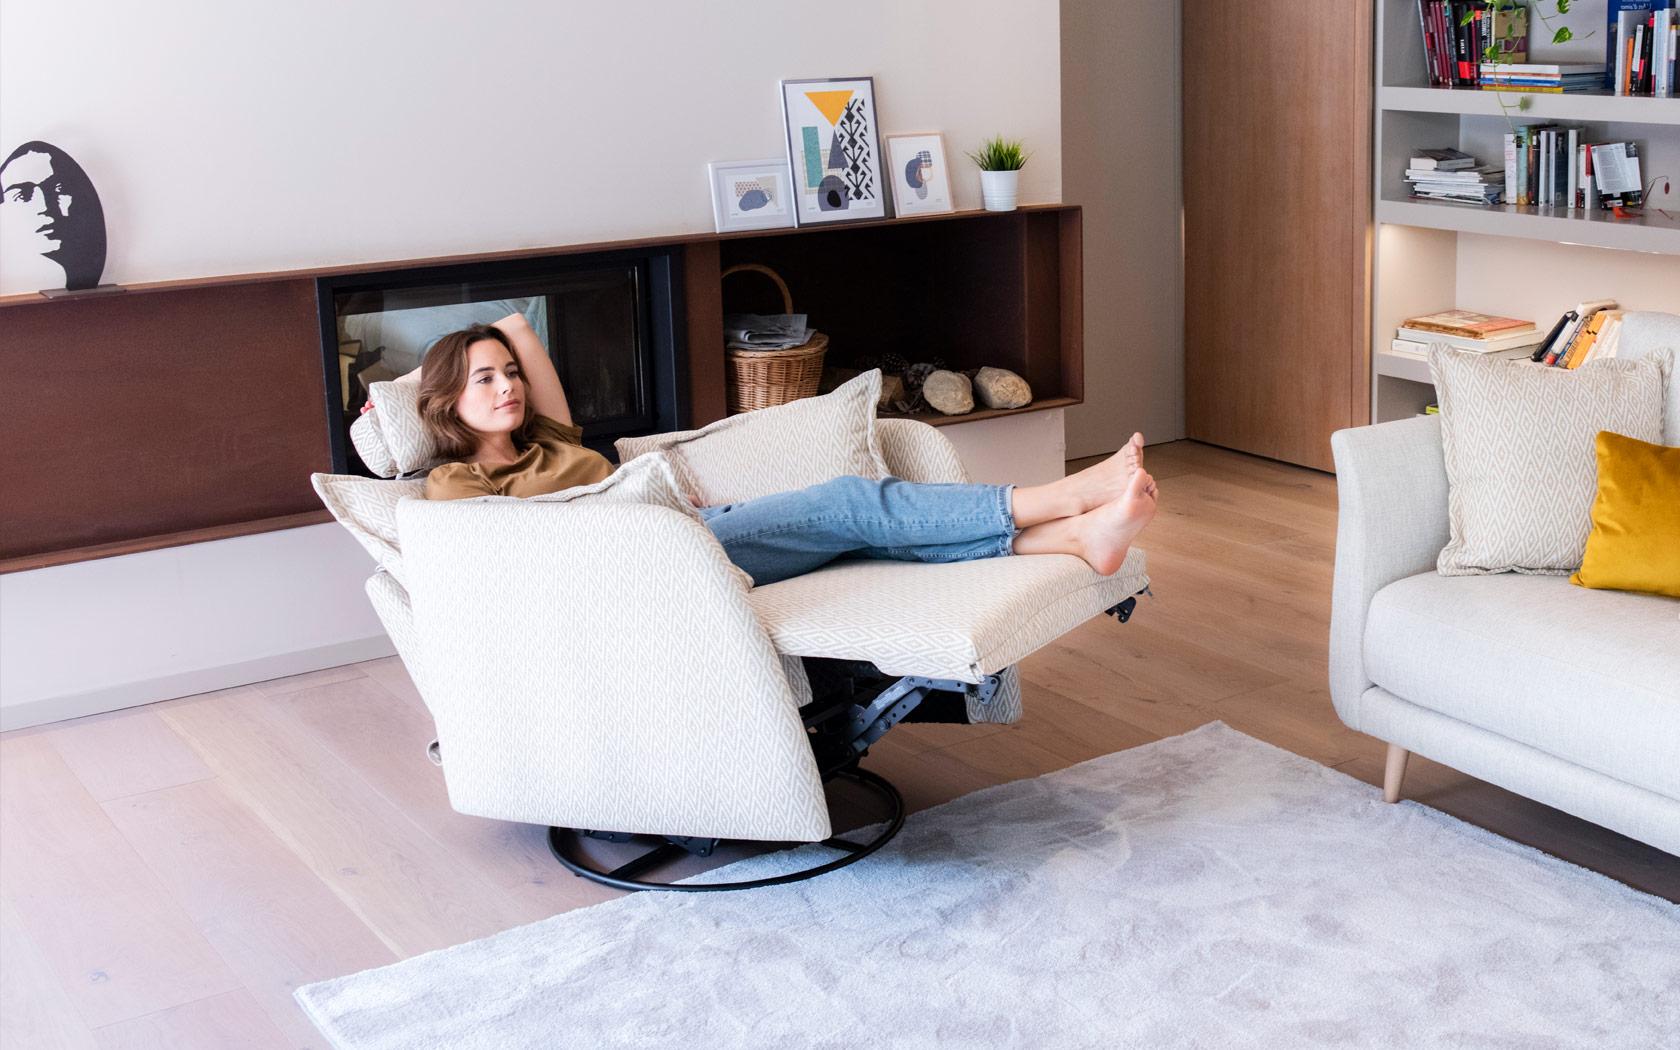 Nadia sillón relax 2020 02